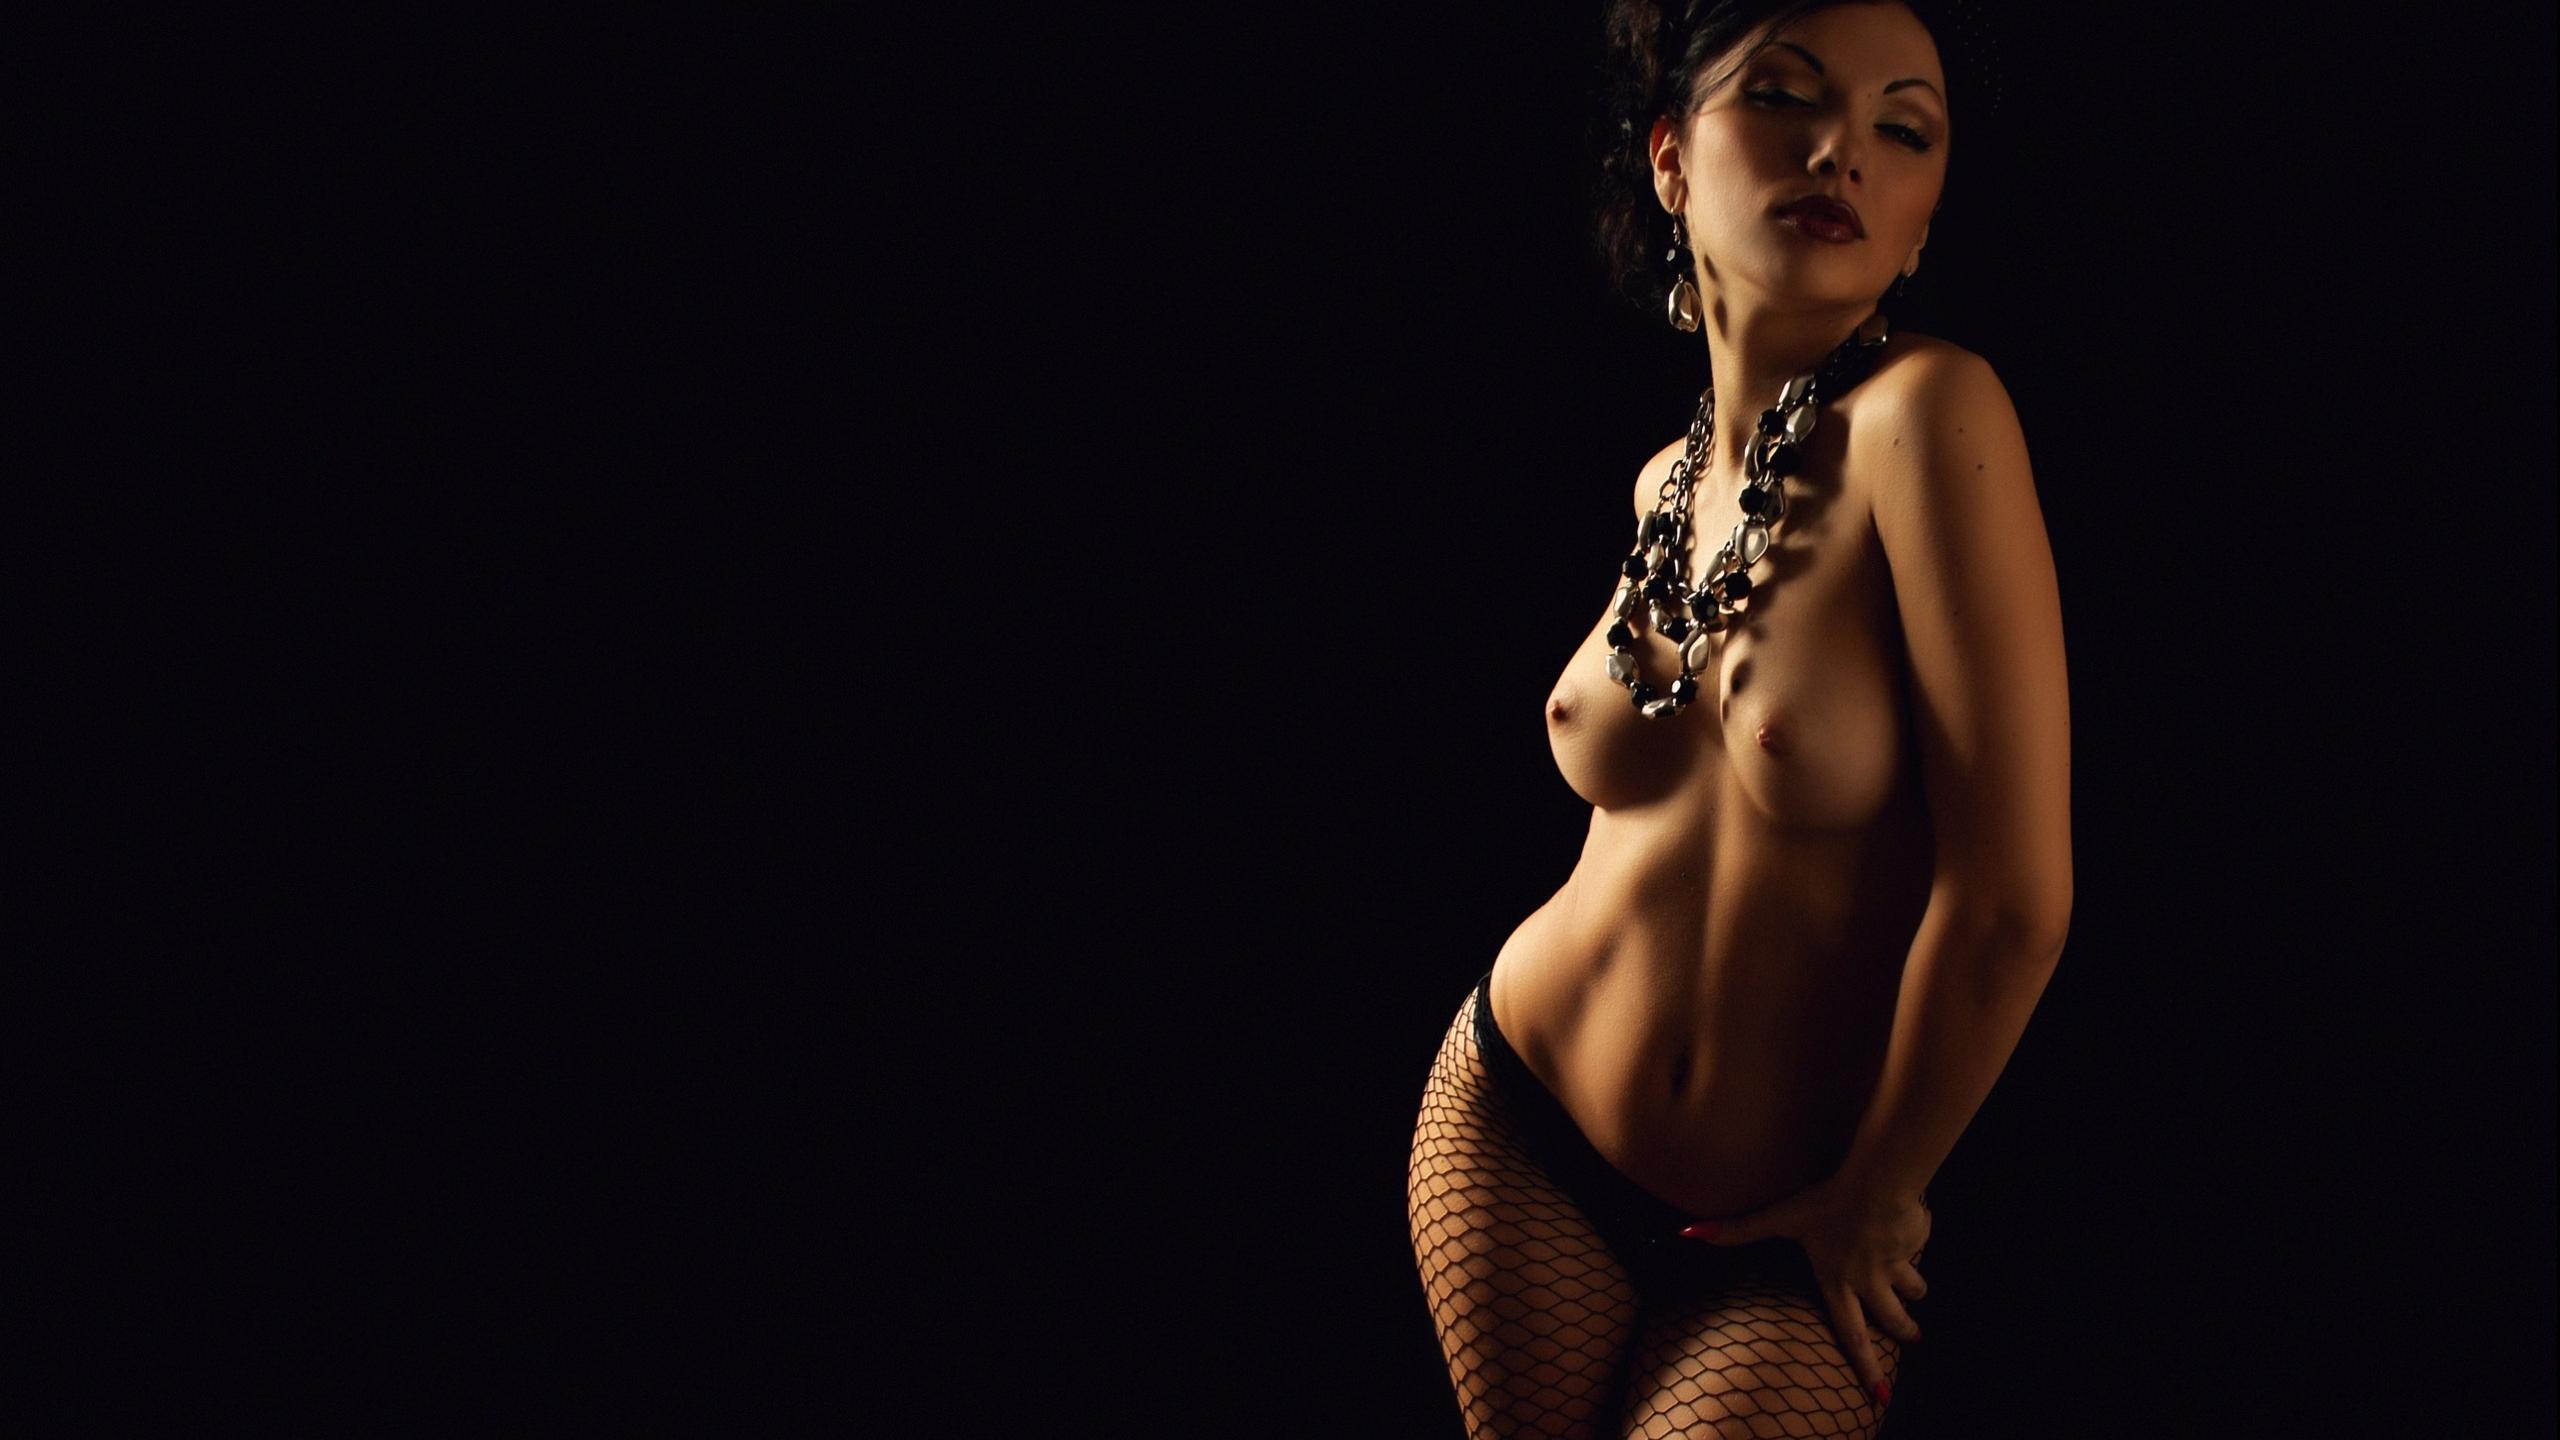 glamurnie-devushki-hd-erotika-onlayn-video-kak-ona-obnimaet-ego-nogami